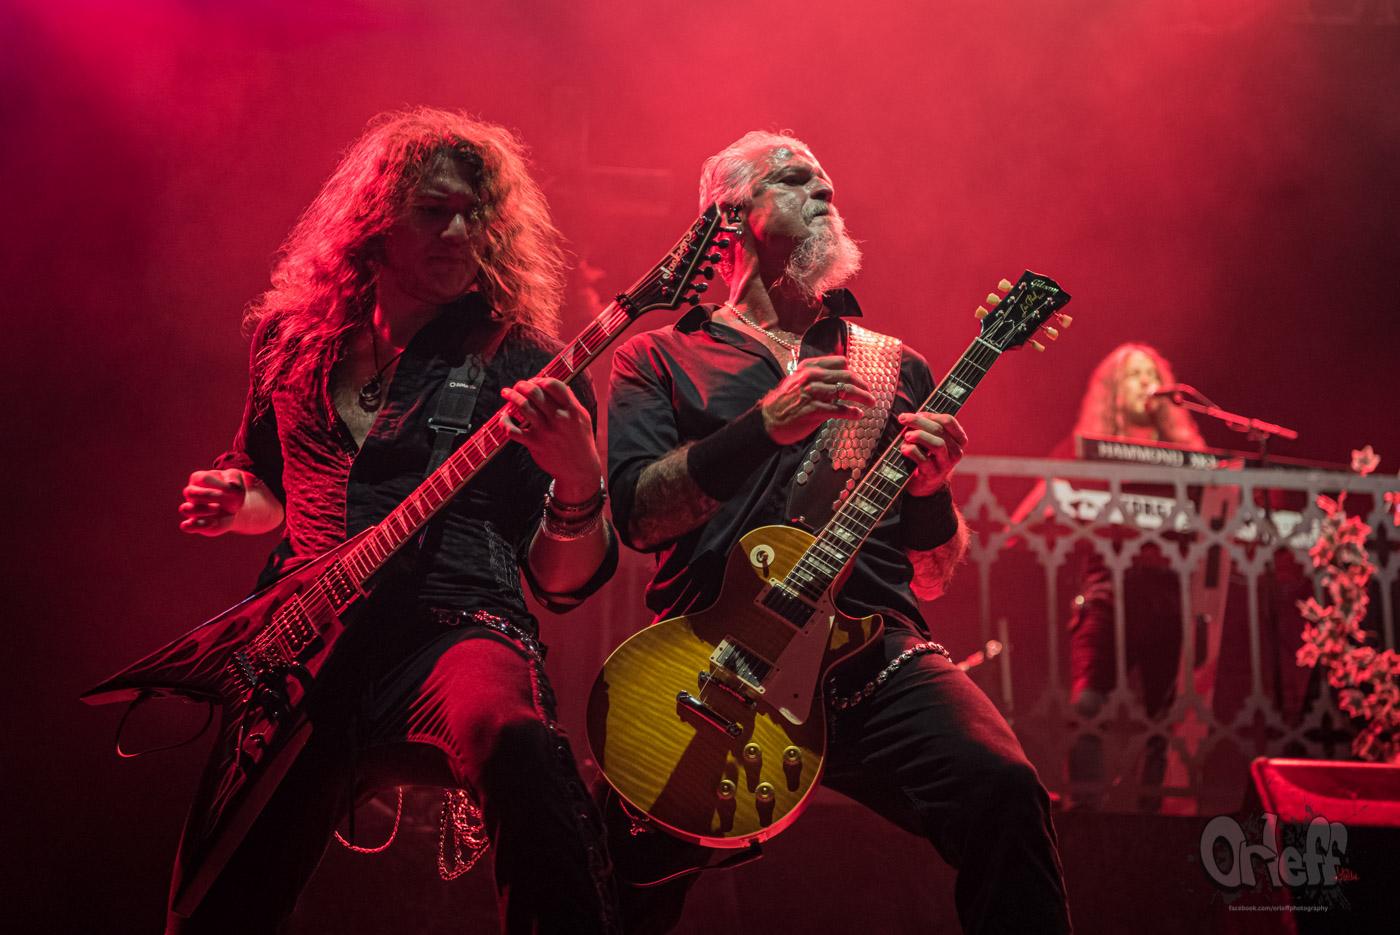 Demons & Wizards @ MetalDays Festival 2019